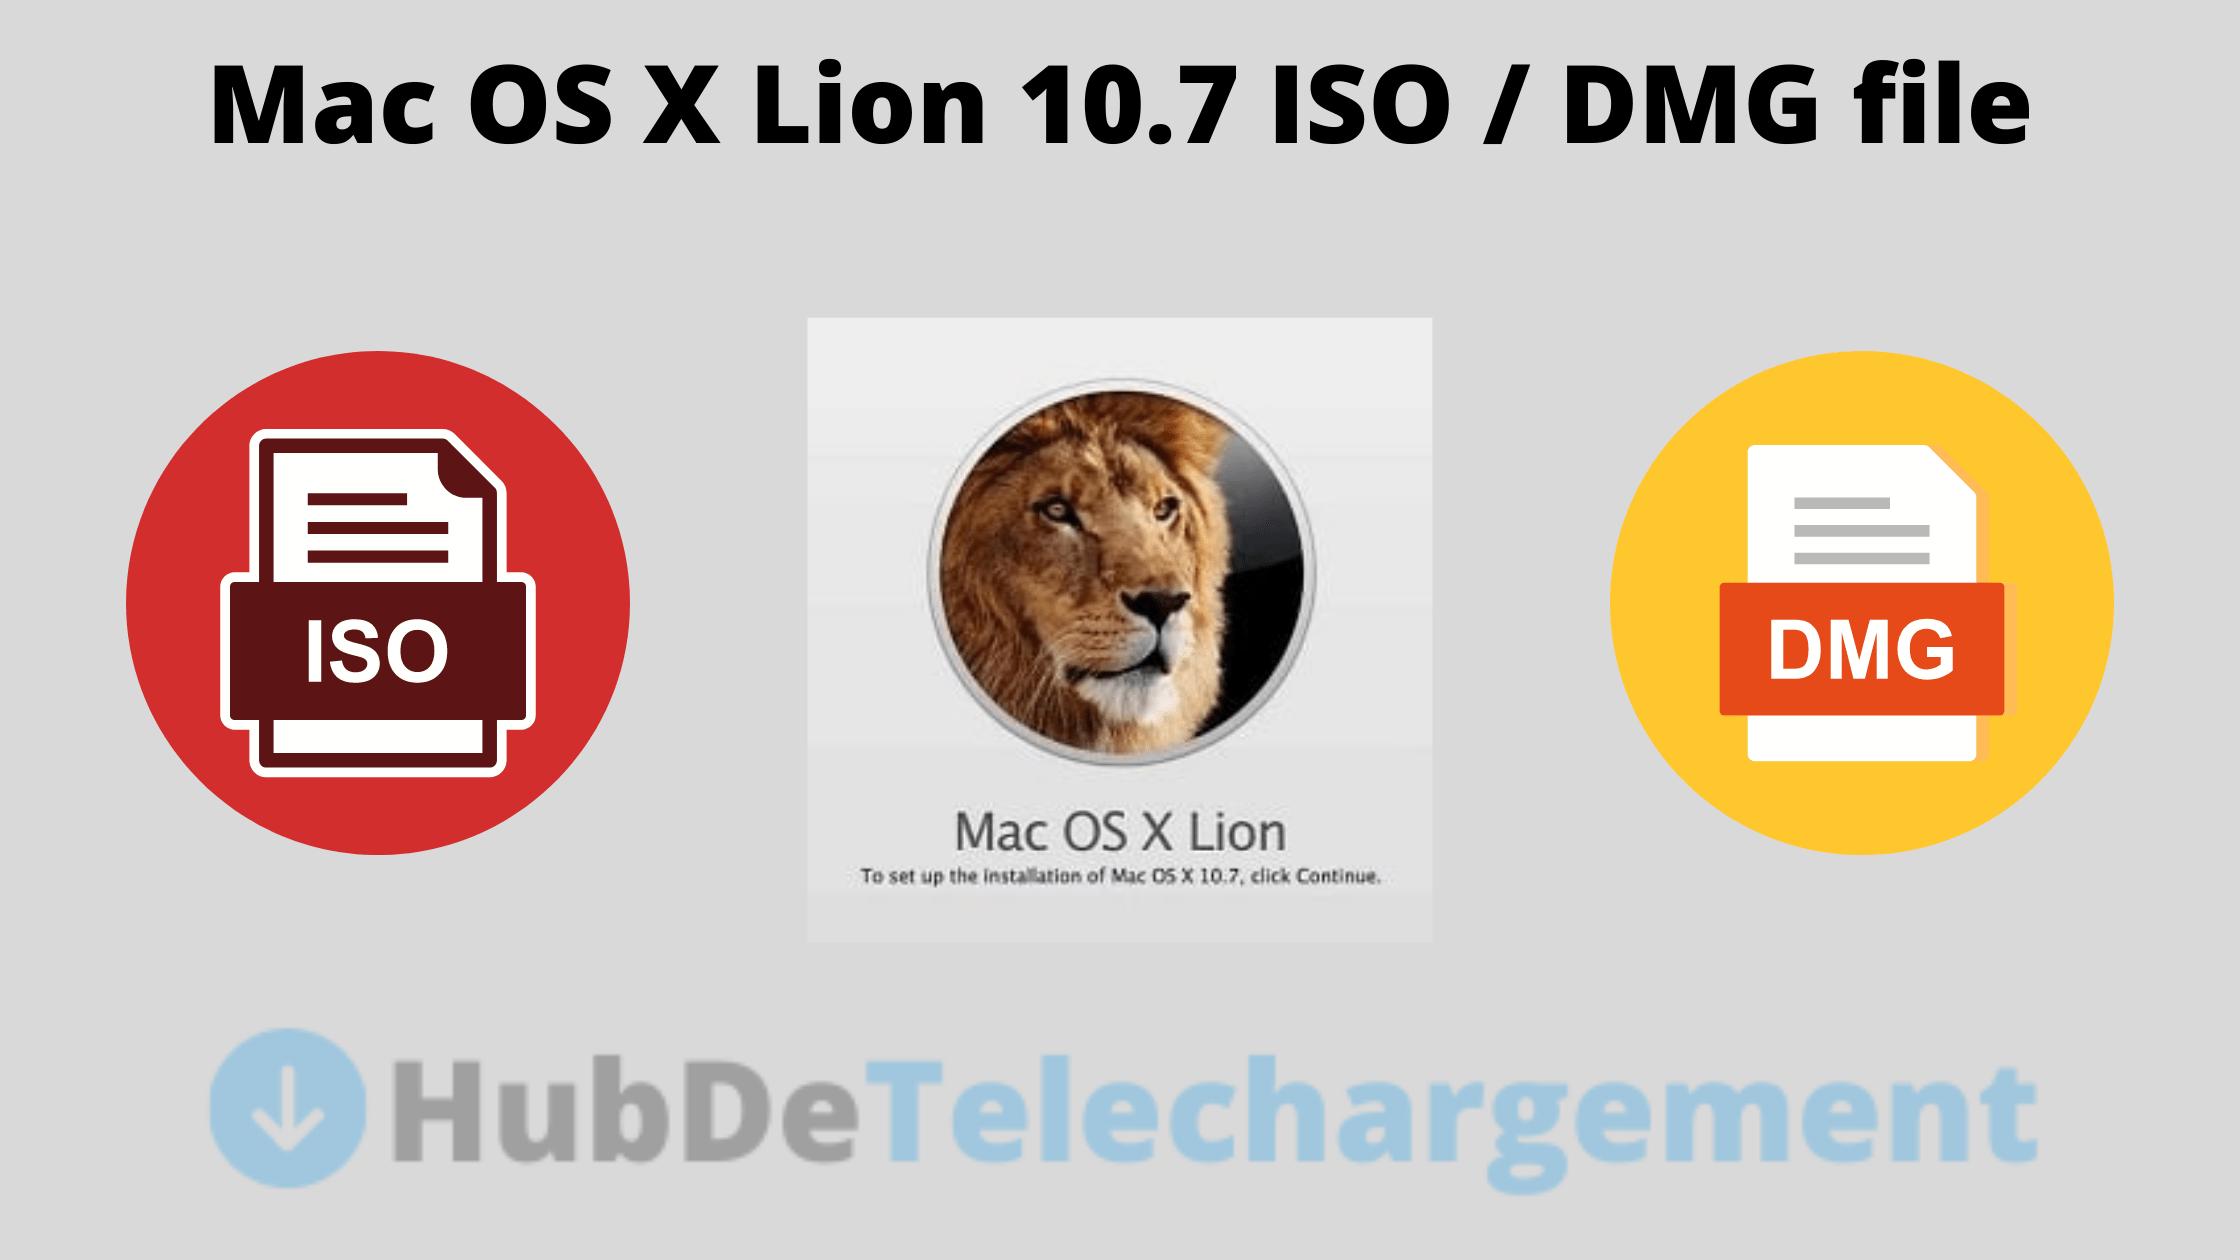 Mac OS X Lion 10.7 ISO / DMG file